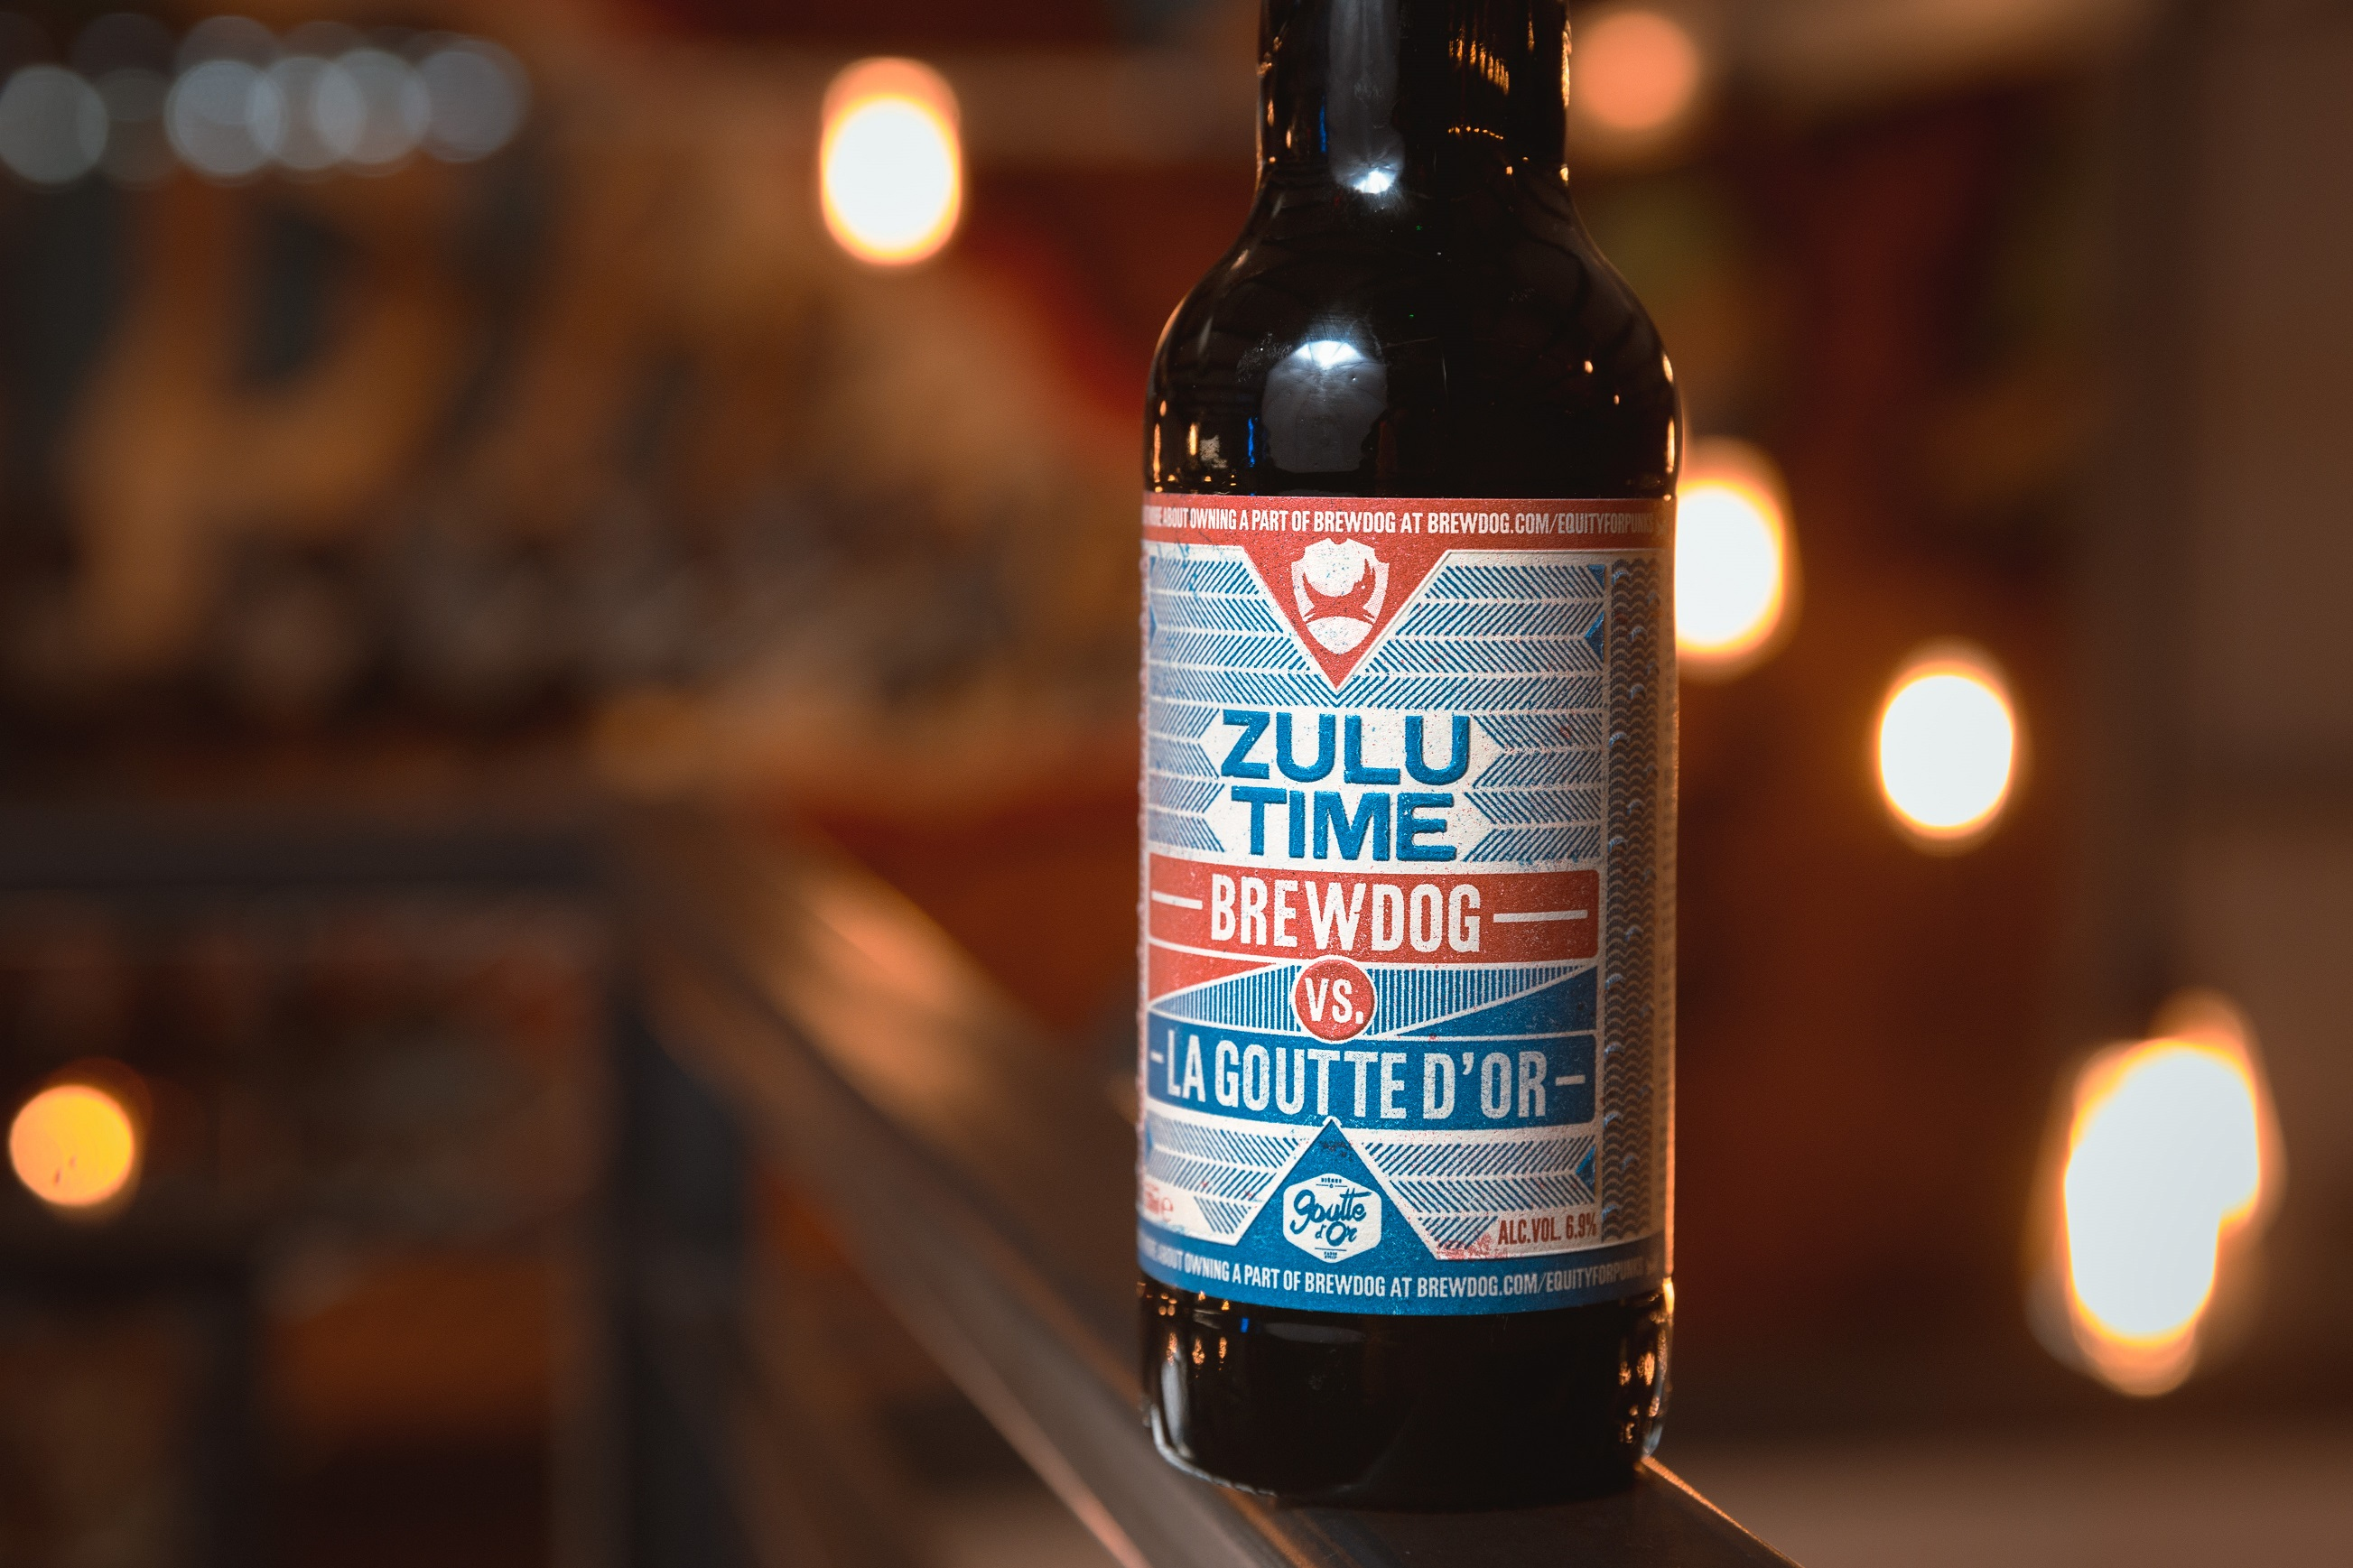 It's Zulu Time !